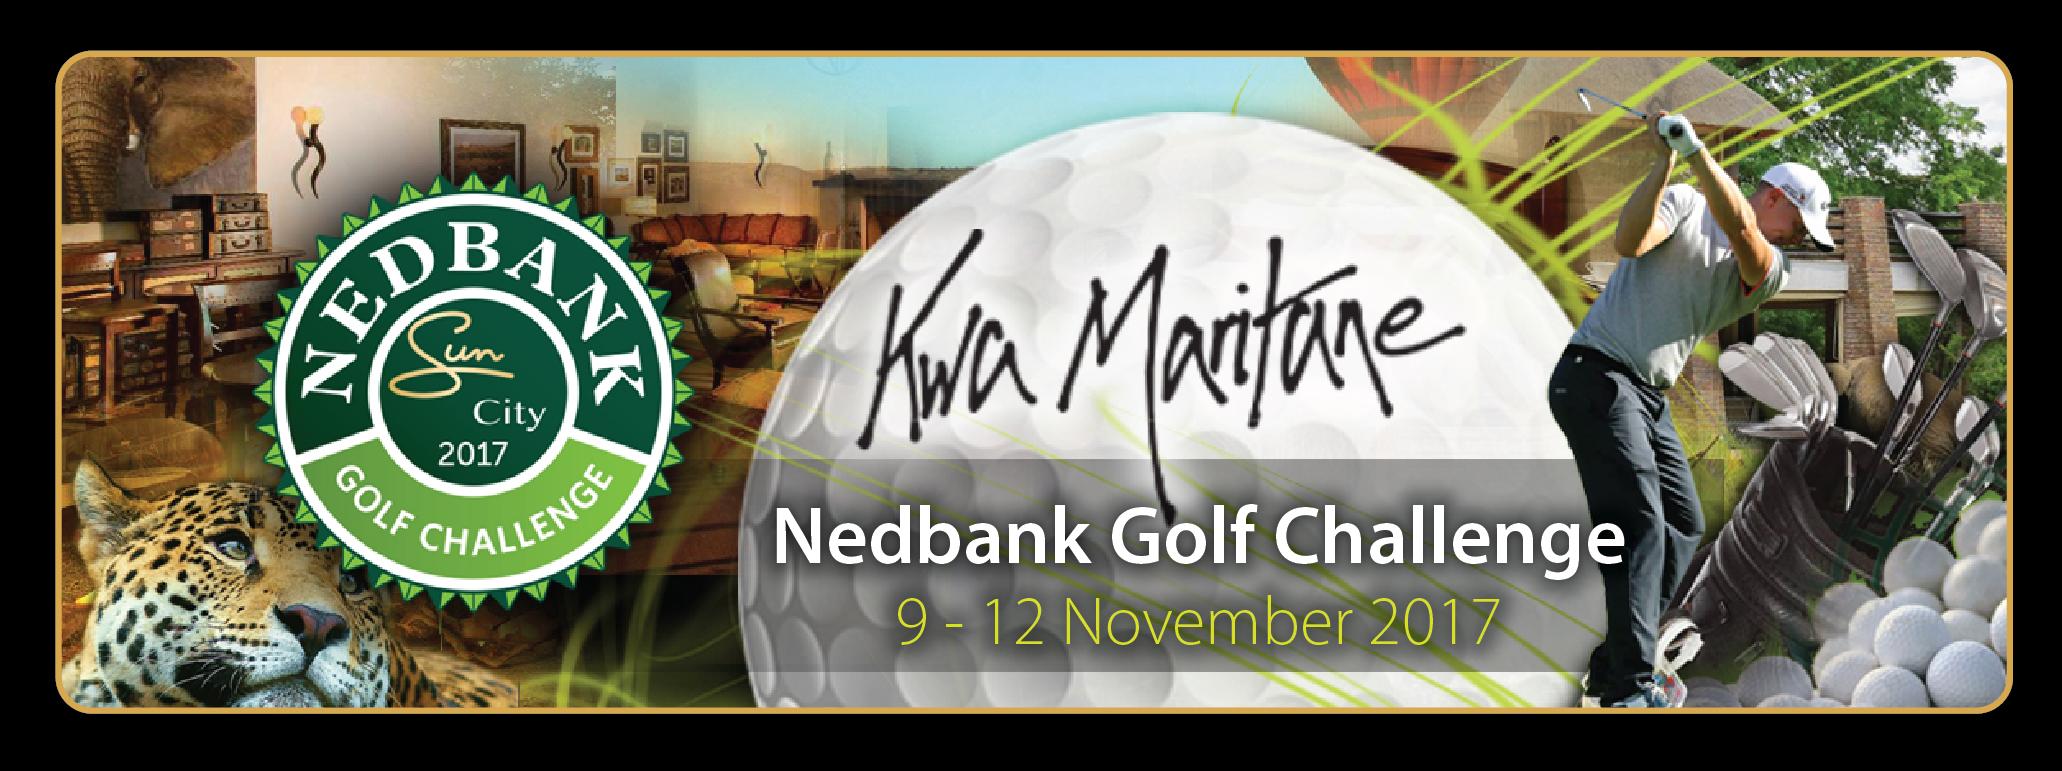 nedbank golf challenge - photo #26